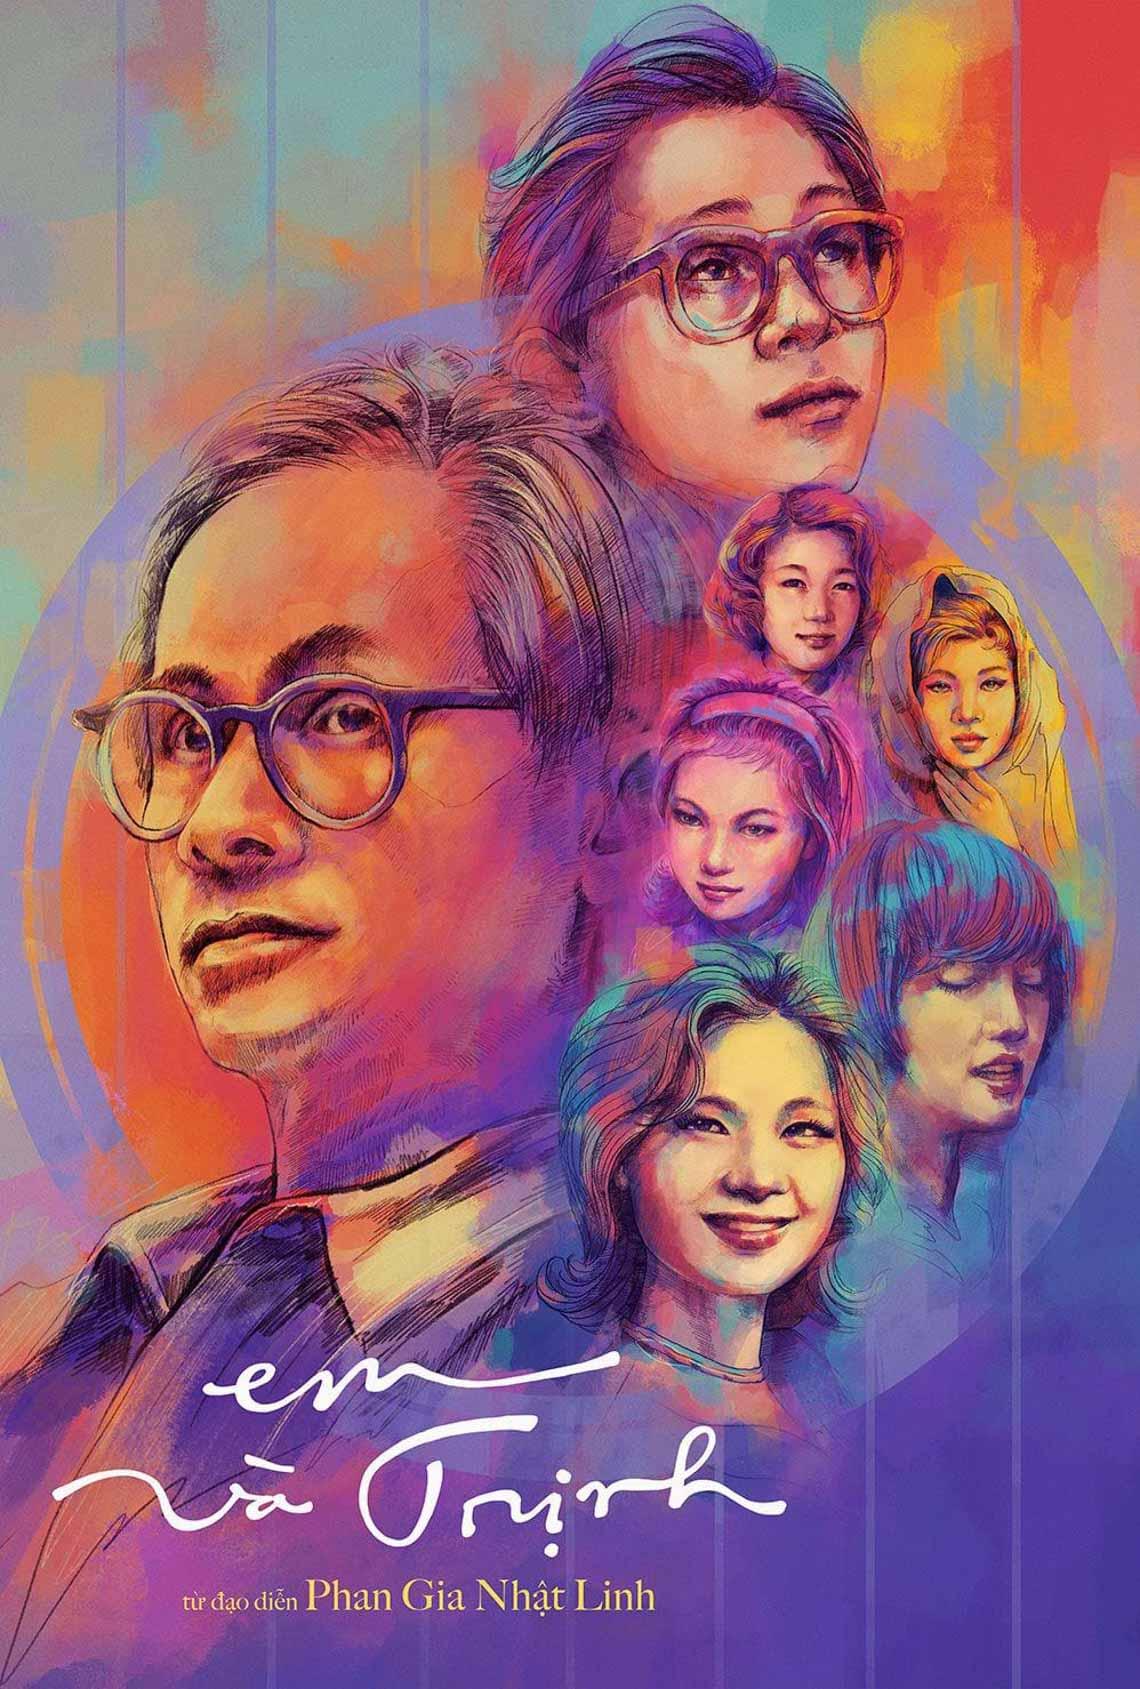 Chuyện tình xuyên biên giới Trịnh Công Sơn - Michiko lên phim 'Em và Trịnh' -1